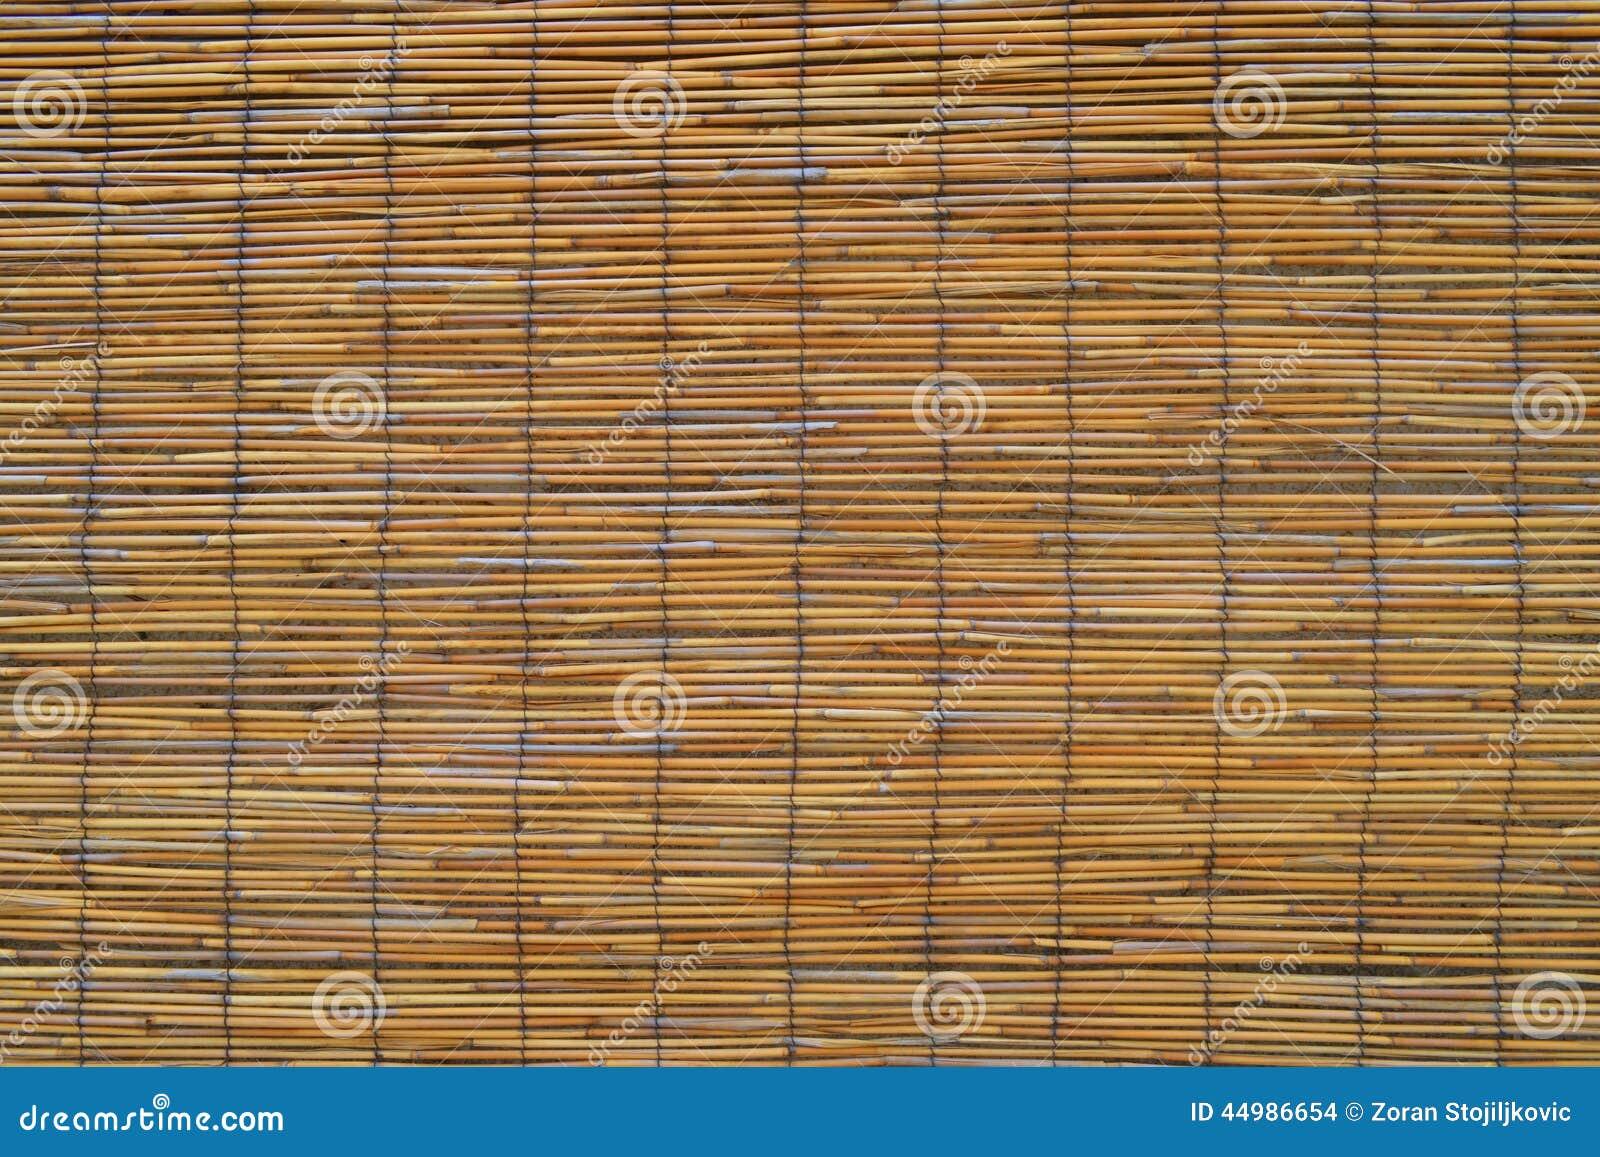 Cortina de bambu foto de stock imagem 44986654 - Cortina de bambu ...